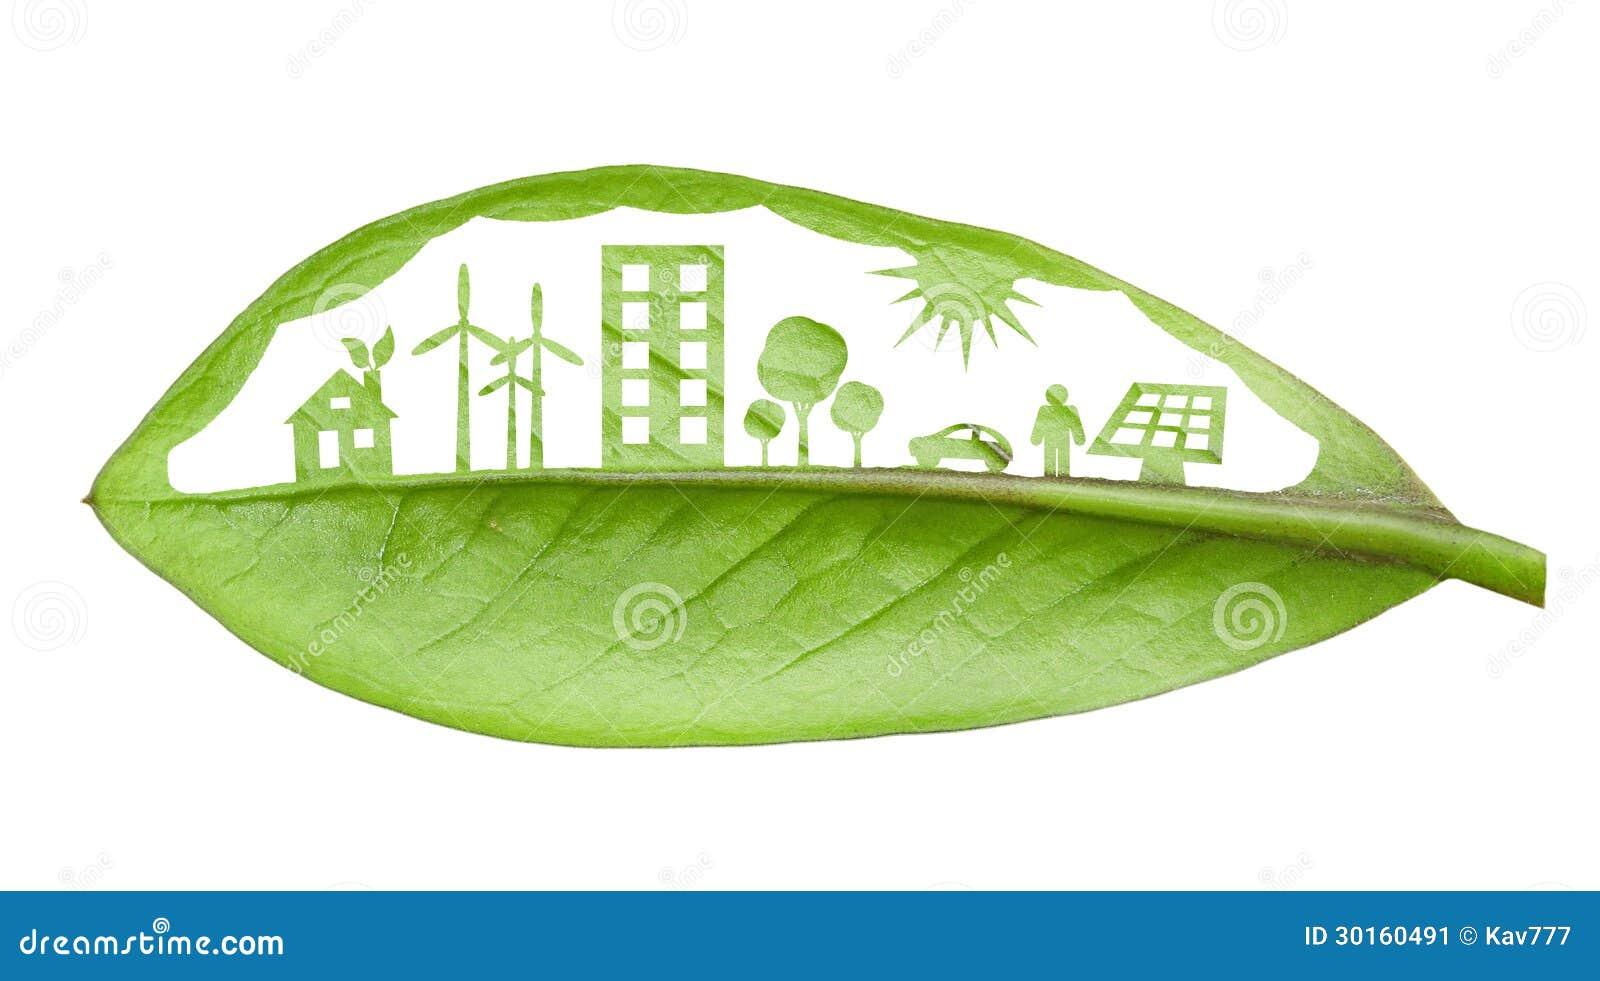 Схема зеленого города